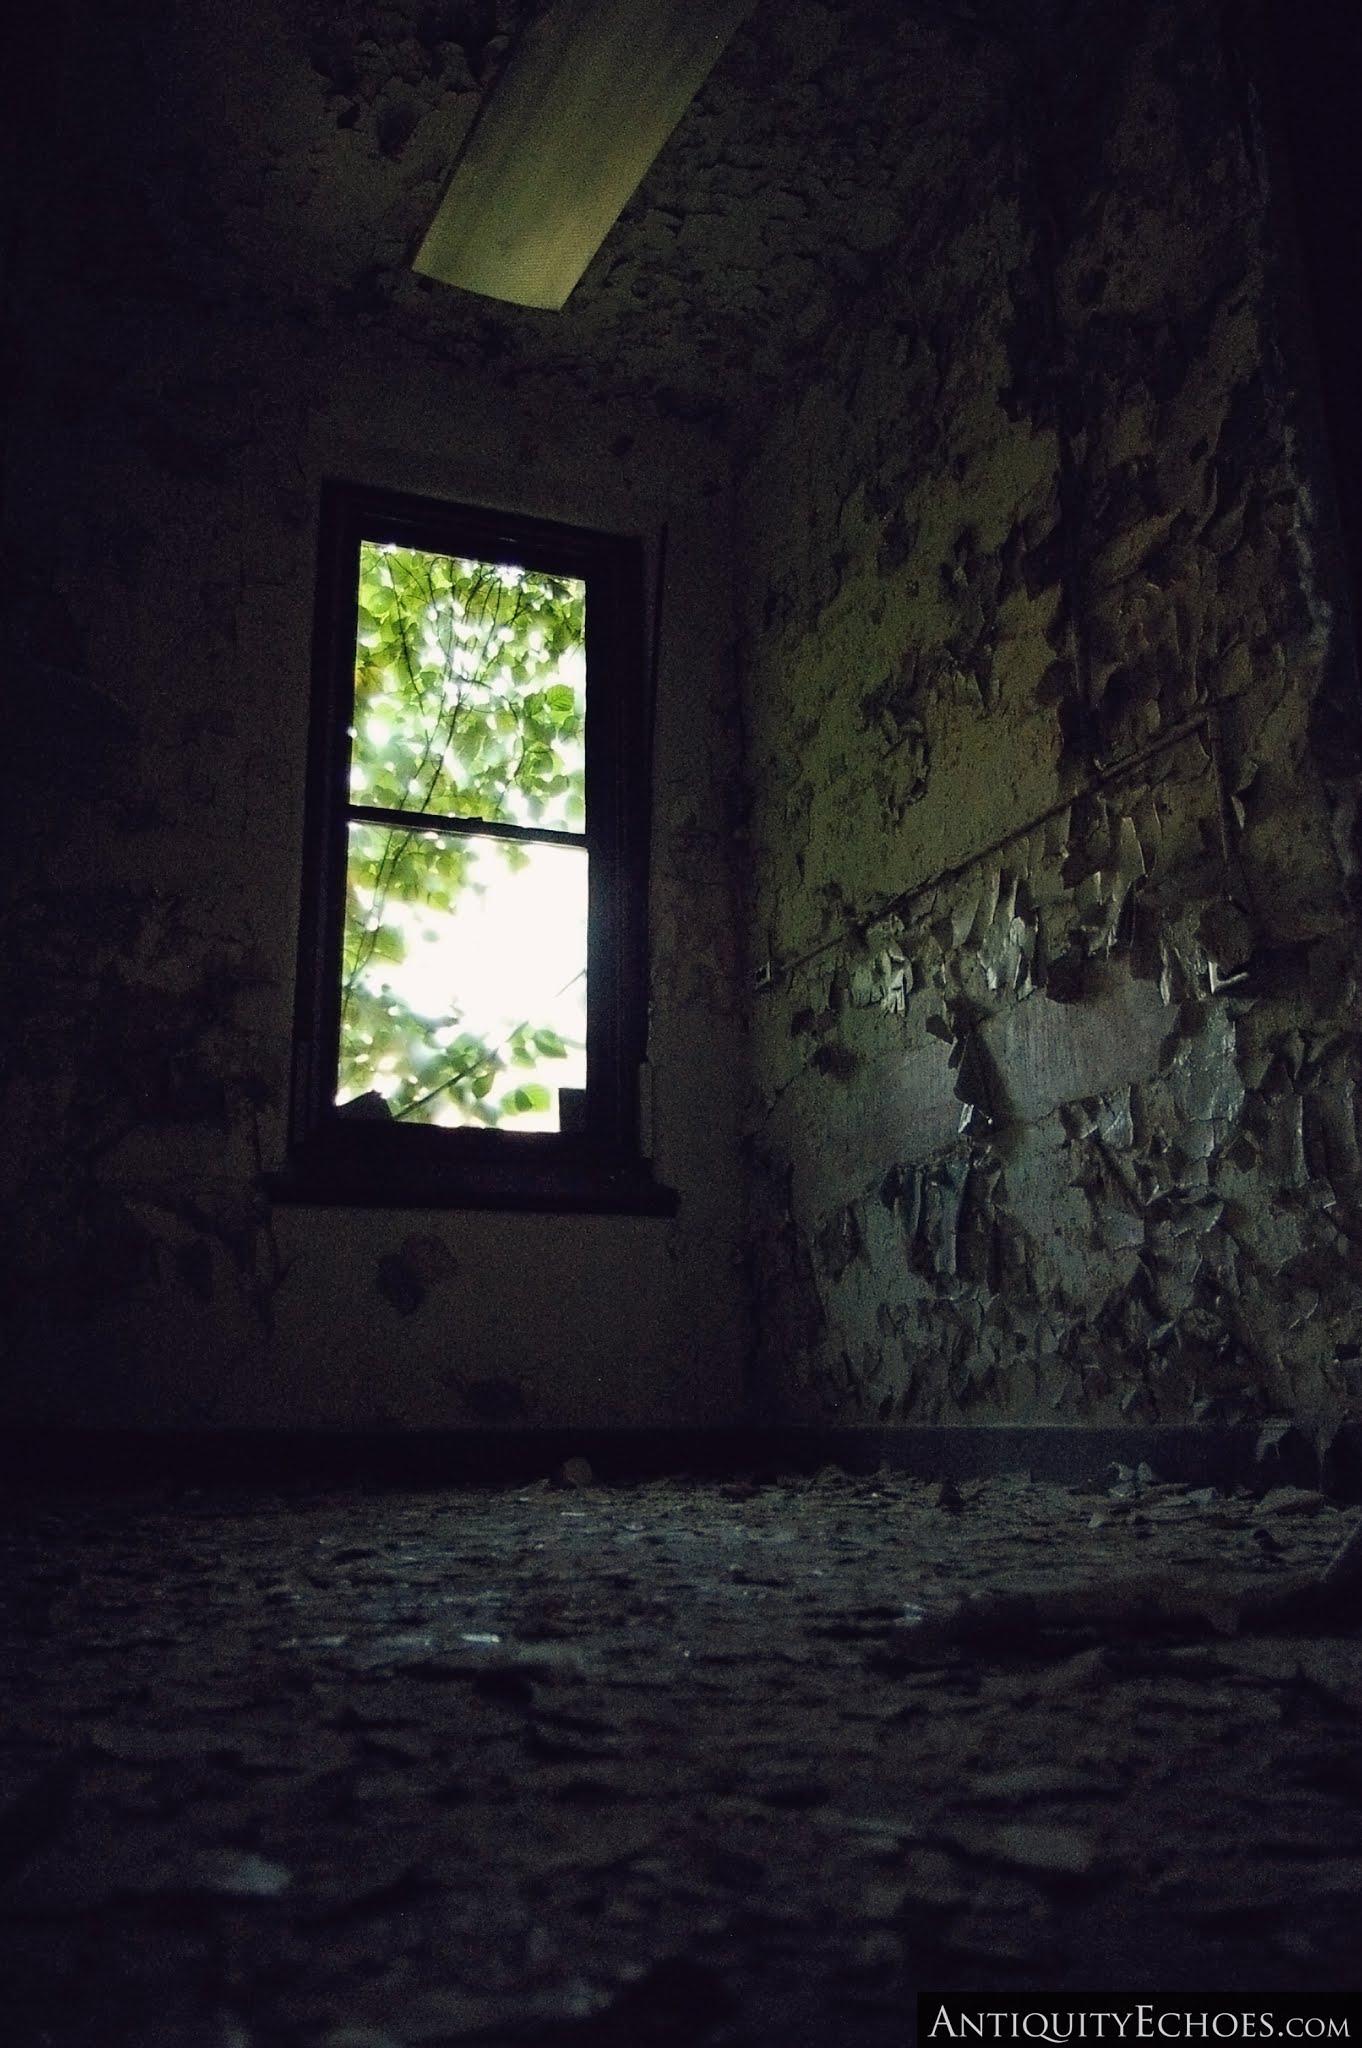 Overbrook Asylum - Green Hues